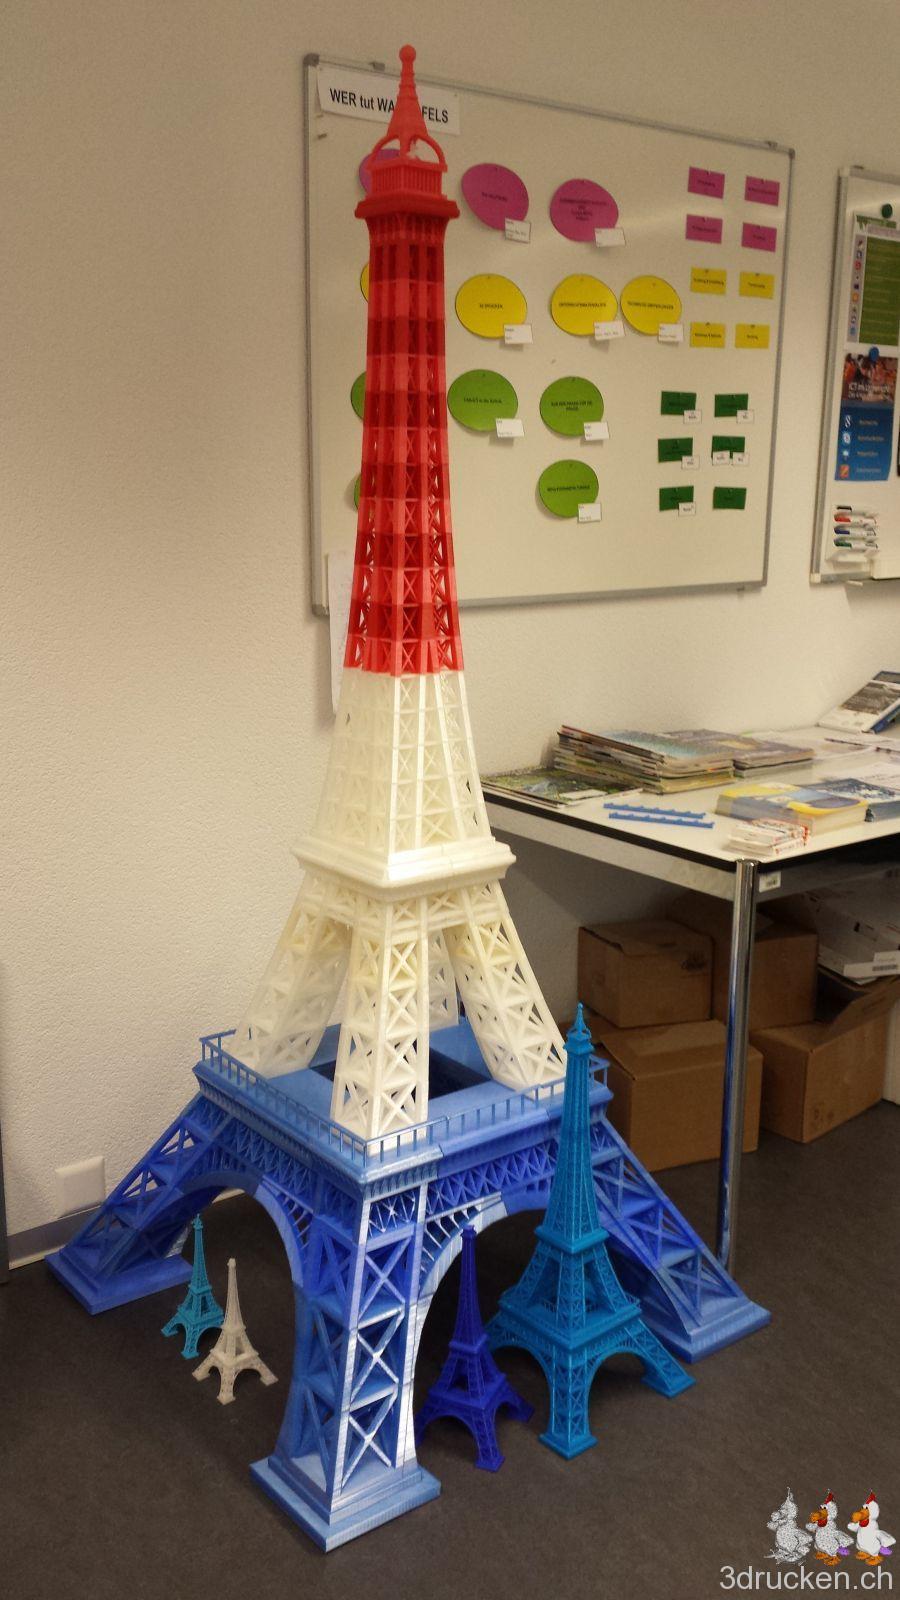 Foto vom grossen Eiffelturm mit vier kleineren Türmen zusammen